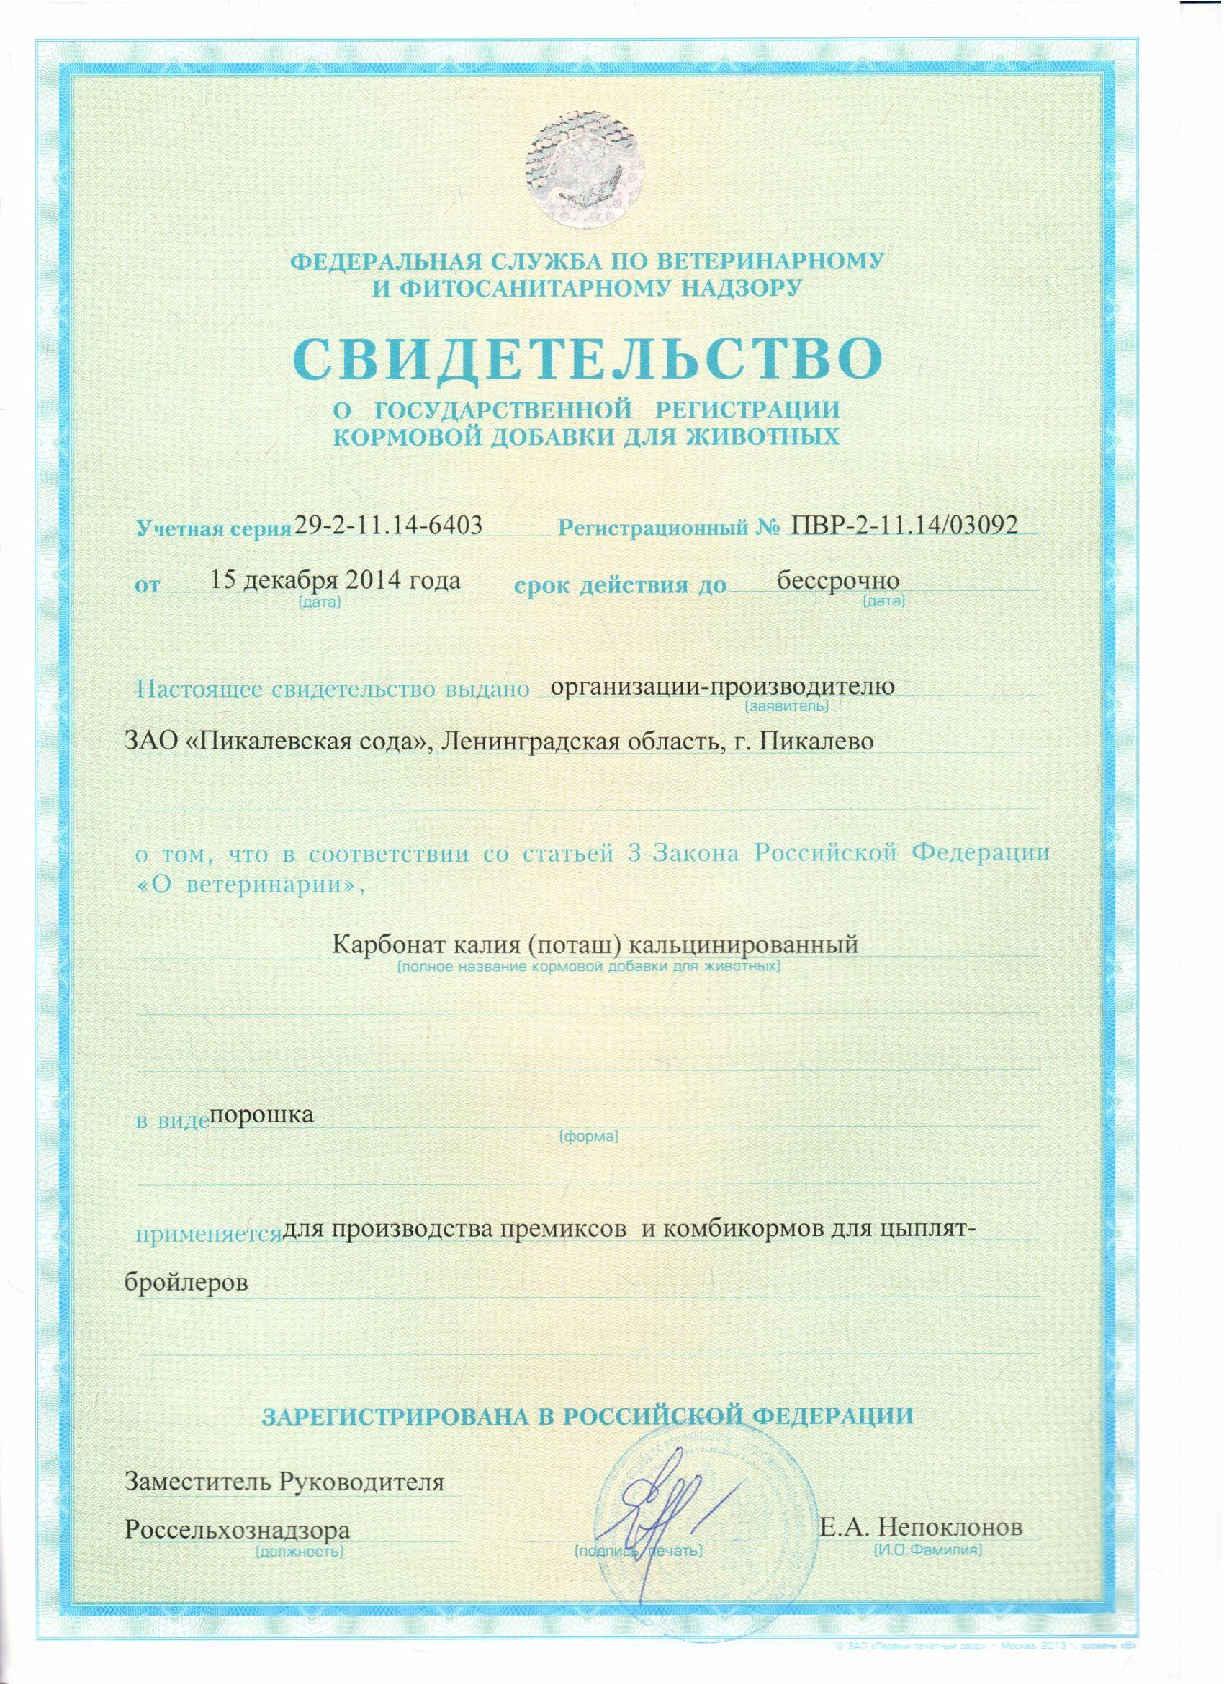 Свидетельство о гос. регистрации Прем-001